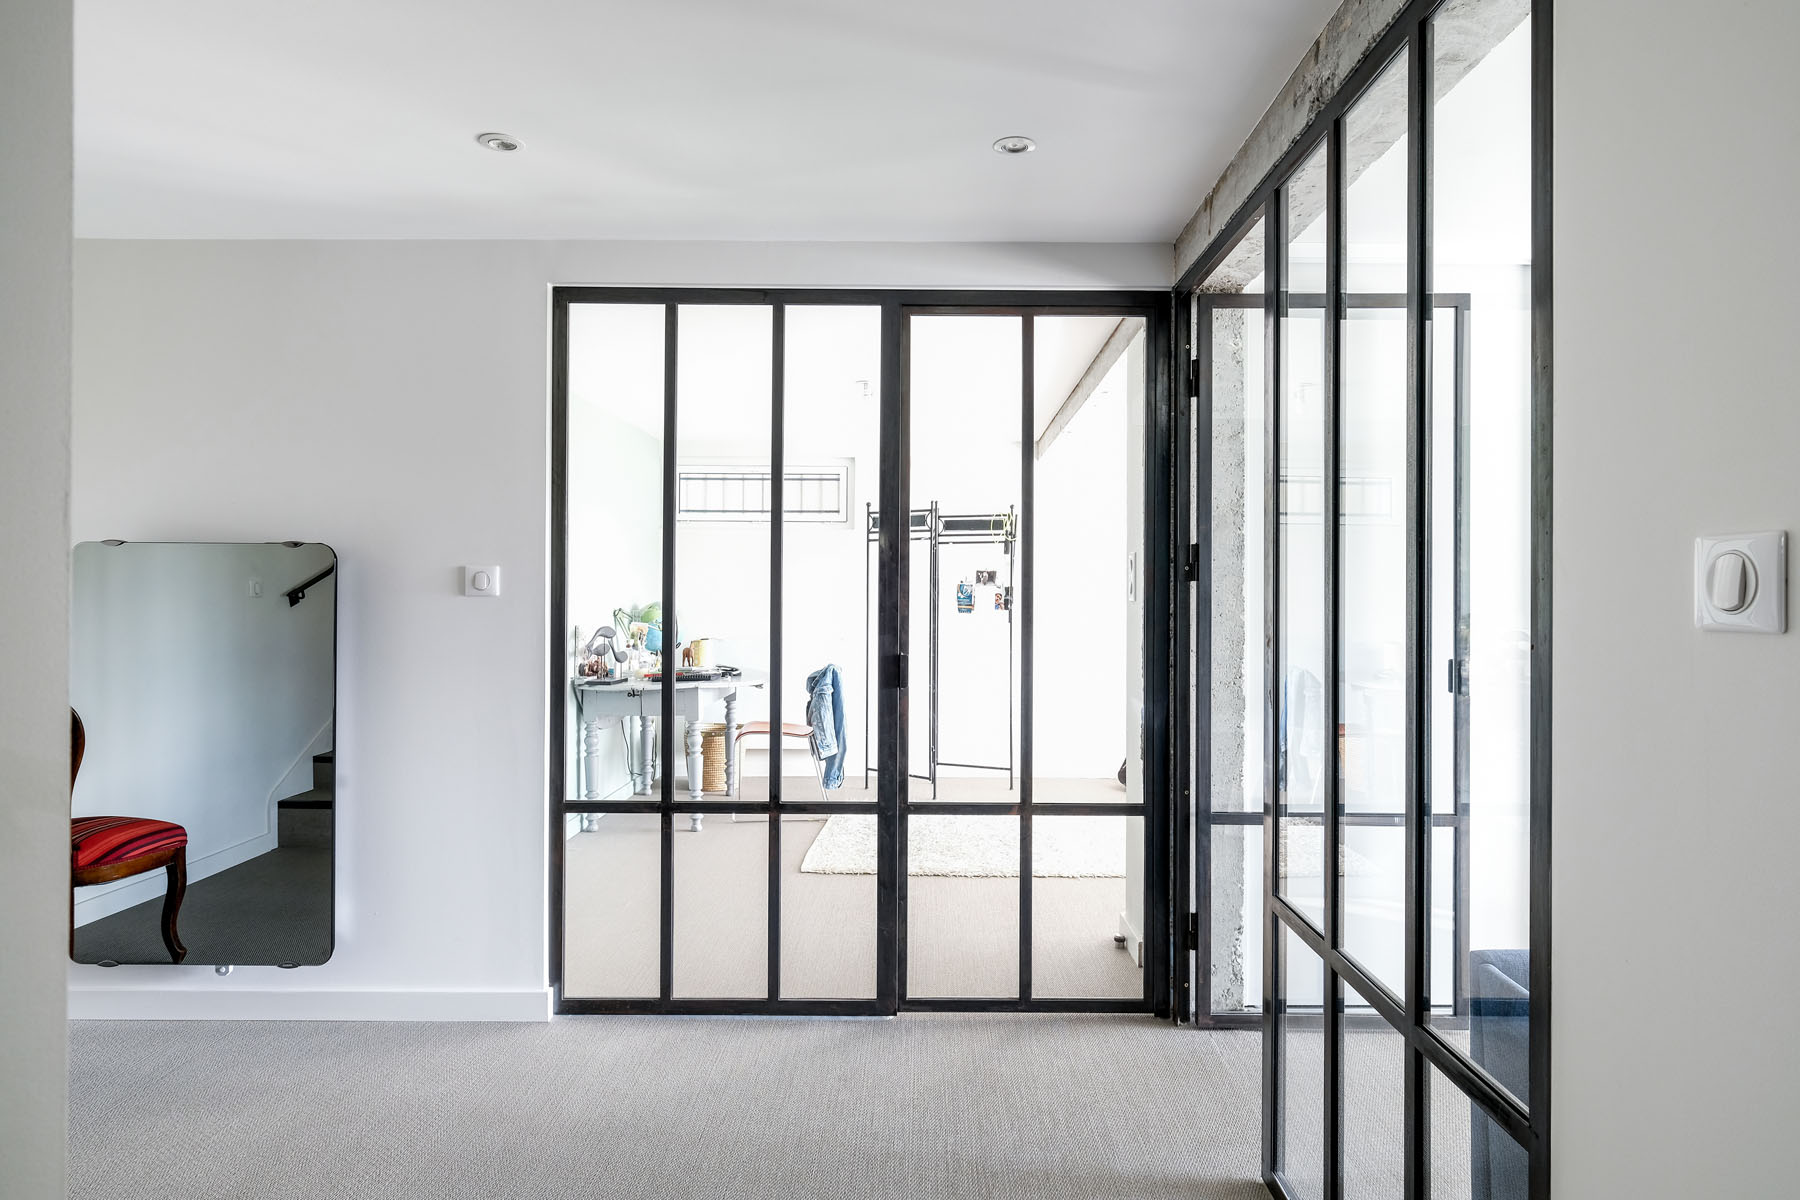 CHAMBRE apre renovation Verriere style industriel et Bolon -DSCF5839-1